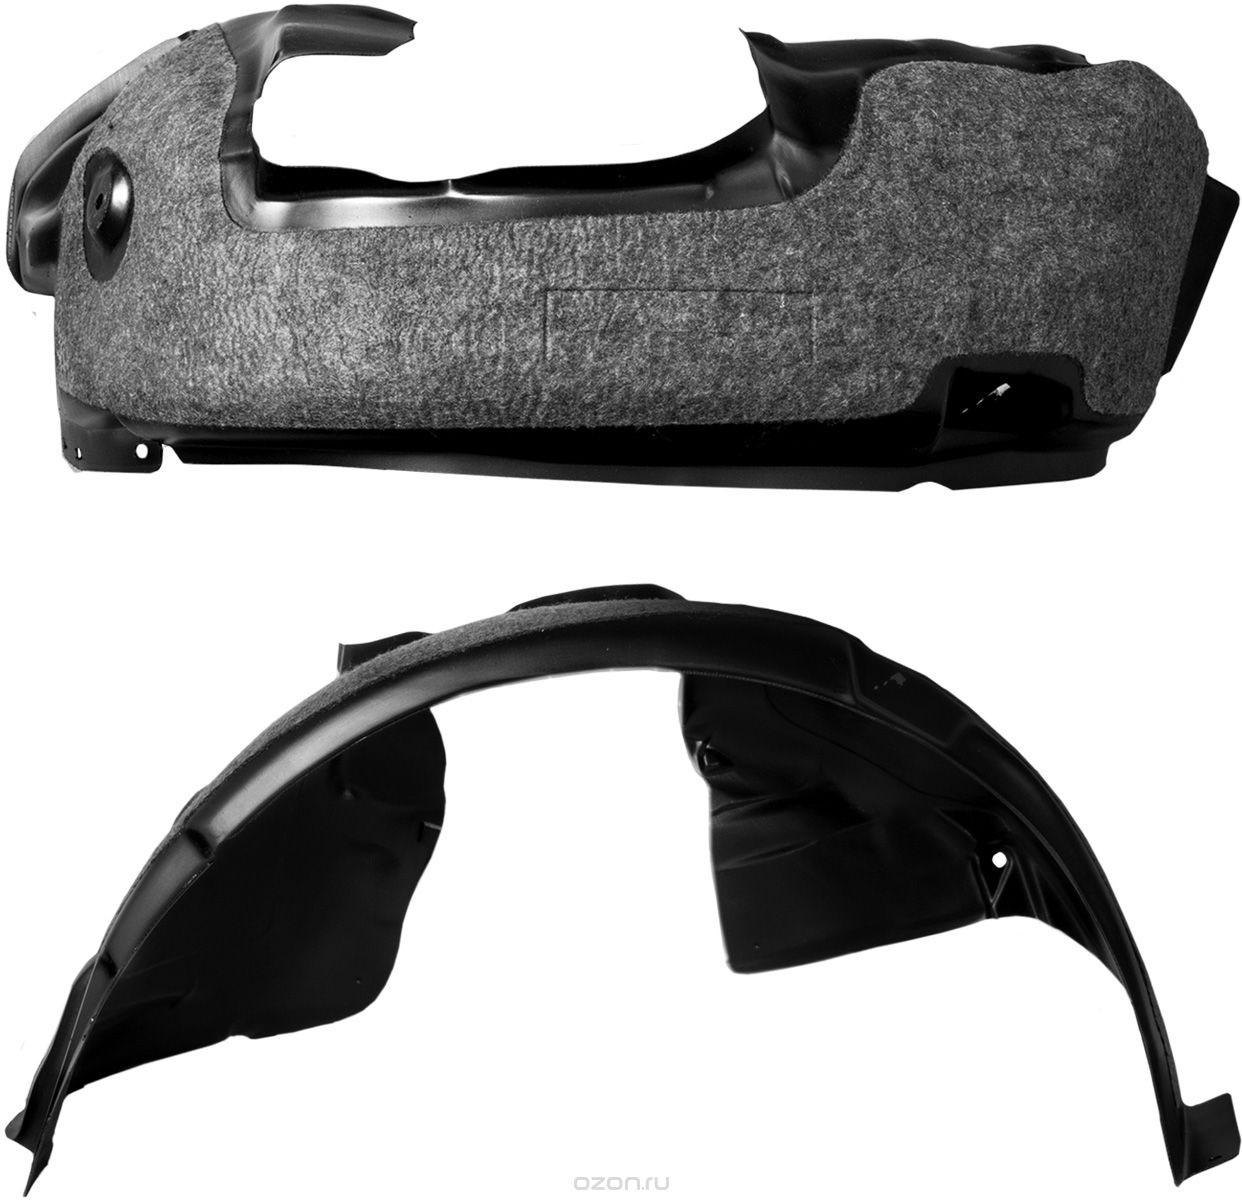 Подкрылок Novline-Autofamily, с шумоизоляцией, для MITSUBISHI Outlander, 2015->, задний левыйNLS.35.31.003Идеальная защита колесной ниши. Локеры разработаны с применением цифровых технологий, гарантируют максимальную повторяемость поверхности арки. Изделия устанавливаются без нарушения лакокрасочного покрытия автомобиля, каждый подкрылок комплектуется крепежом. Уважаемые клиенты, обращаем ваше внимание, что фотографии на подкрылки универсальные и не отражают реальную форму изделия. При этом само изделие идет точно под размер указанного автомобиля.